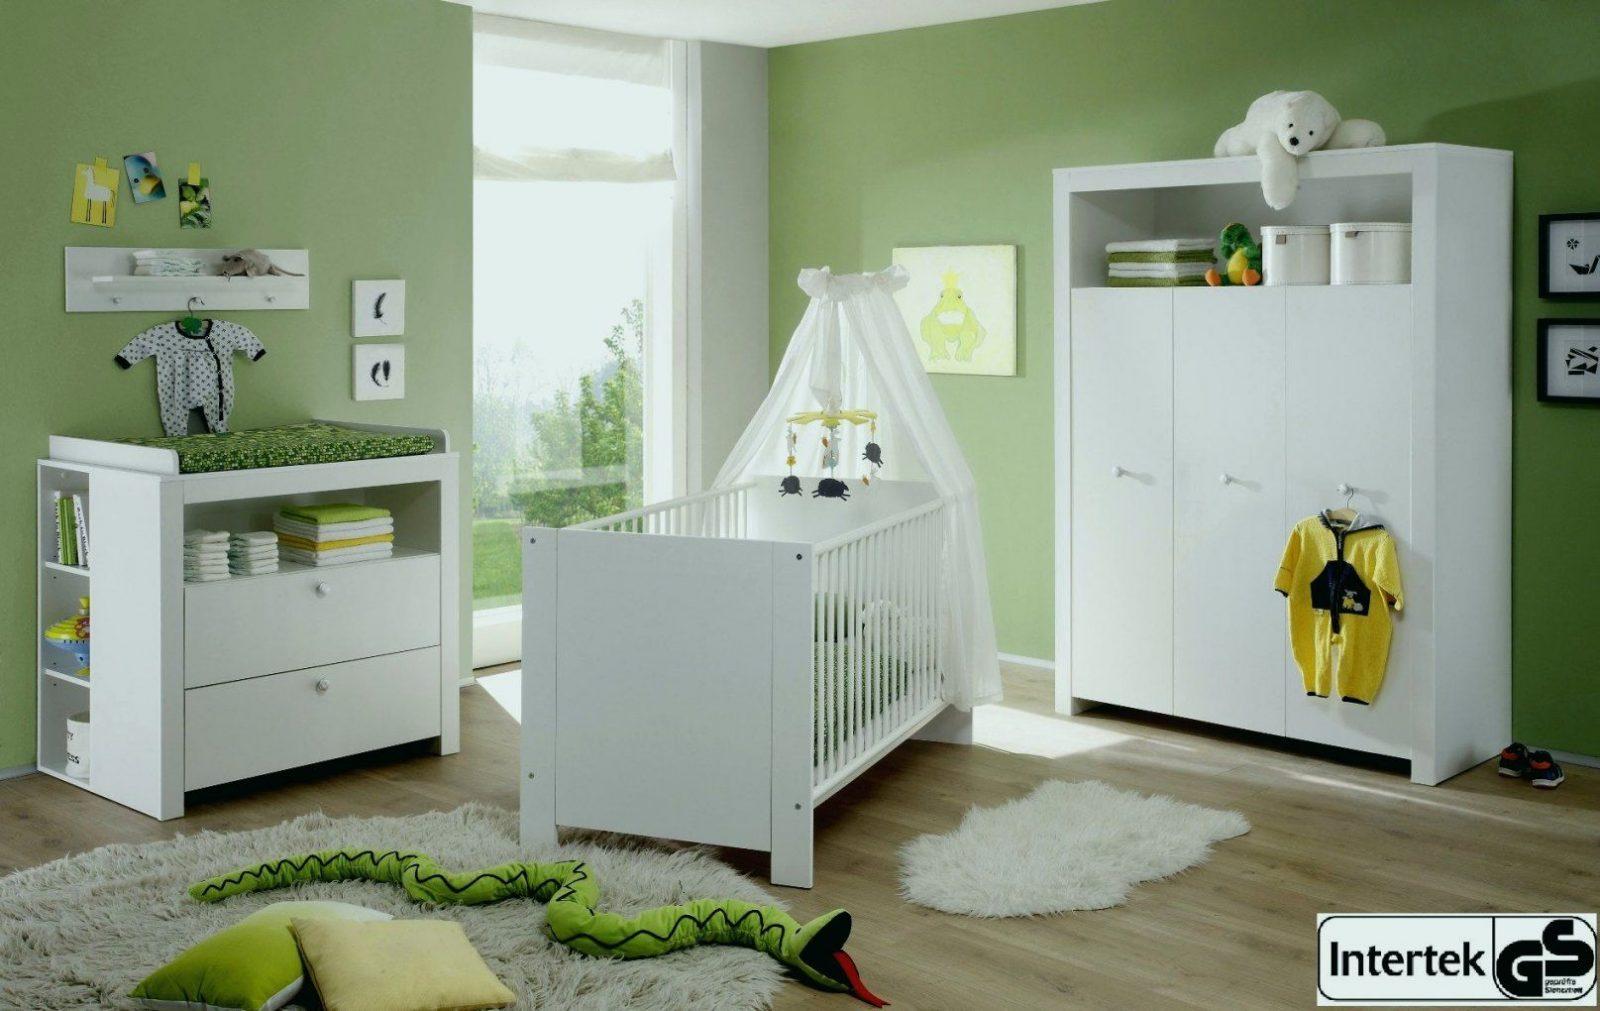 Babyzimmer Komplett Günstig Poco Einzigartig Komplett Babyzimmer von Babyzimmer Komplett Günstig Poco Bild